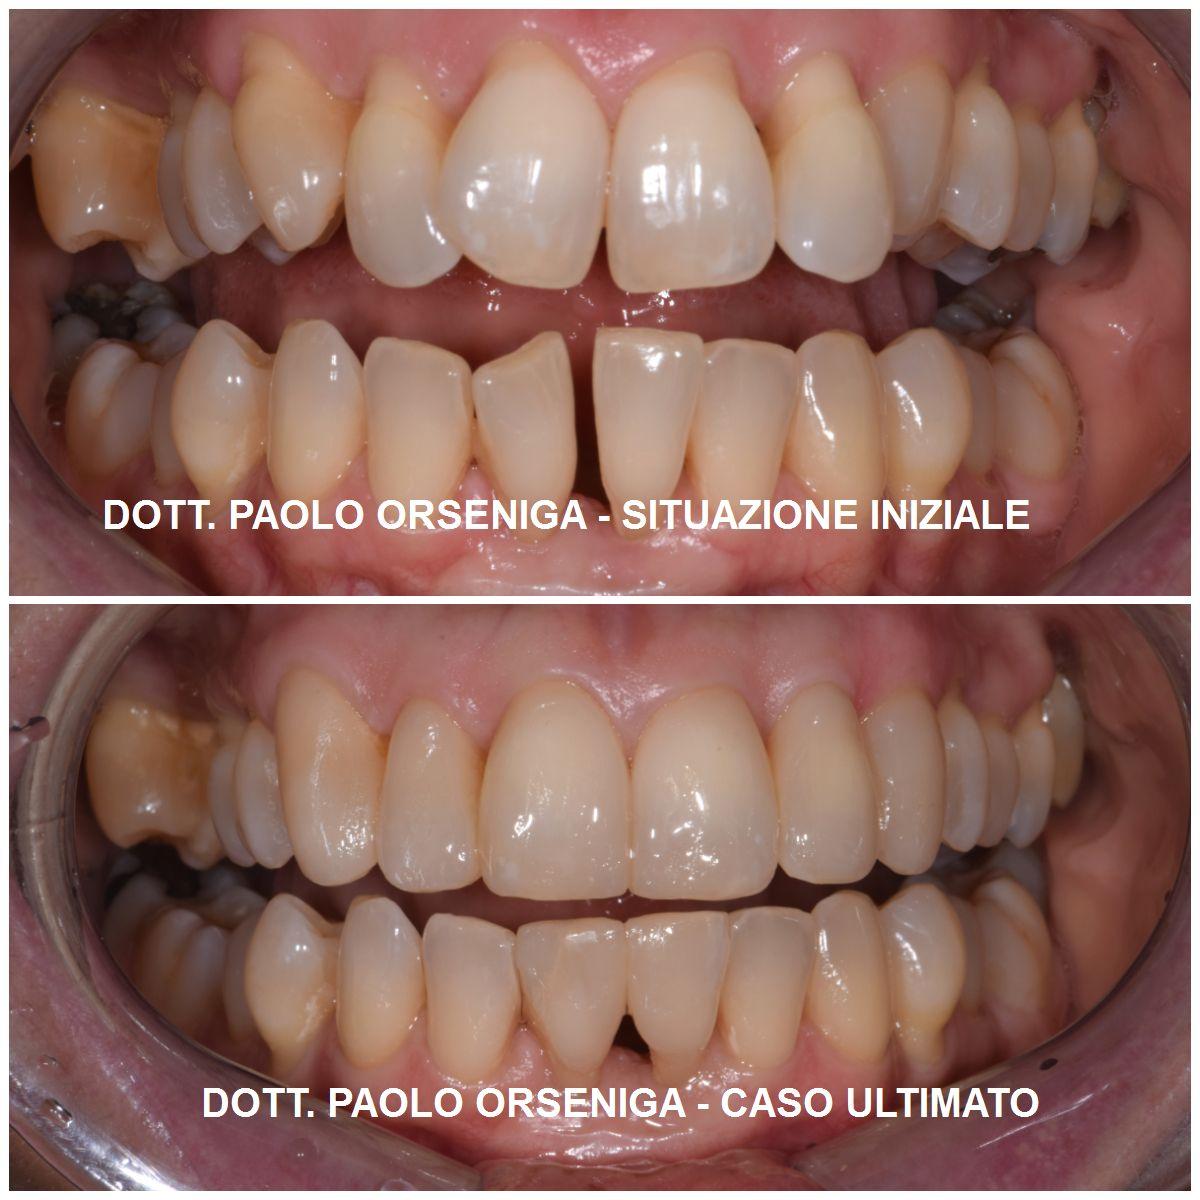 Autostima E Relazioni Sociali I Benefici Psicologici Di Un Bel Sorriso Studio Dentistico Orseniga Monza